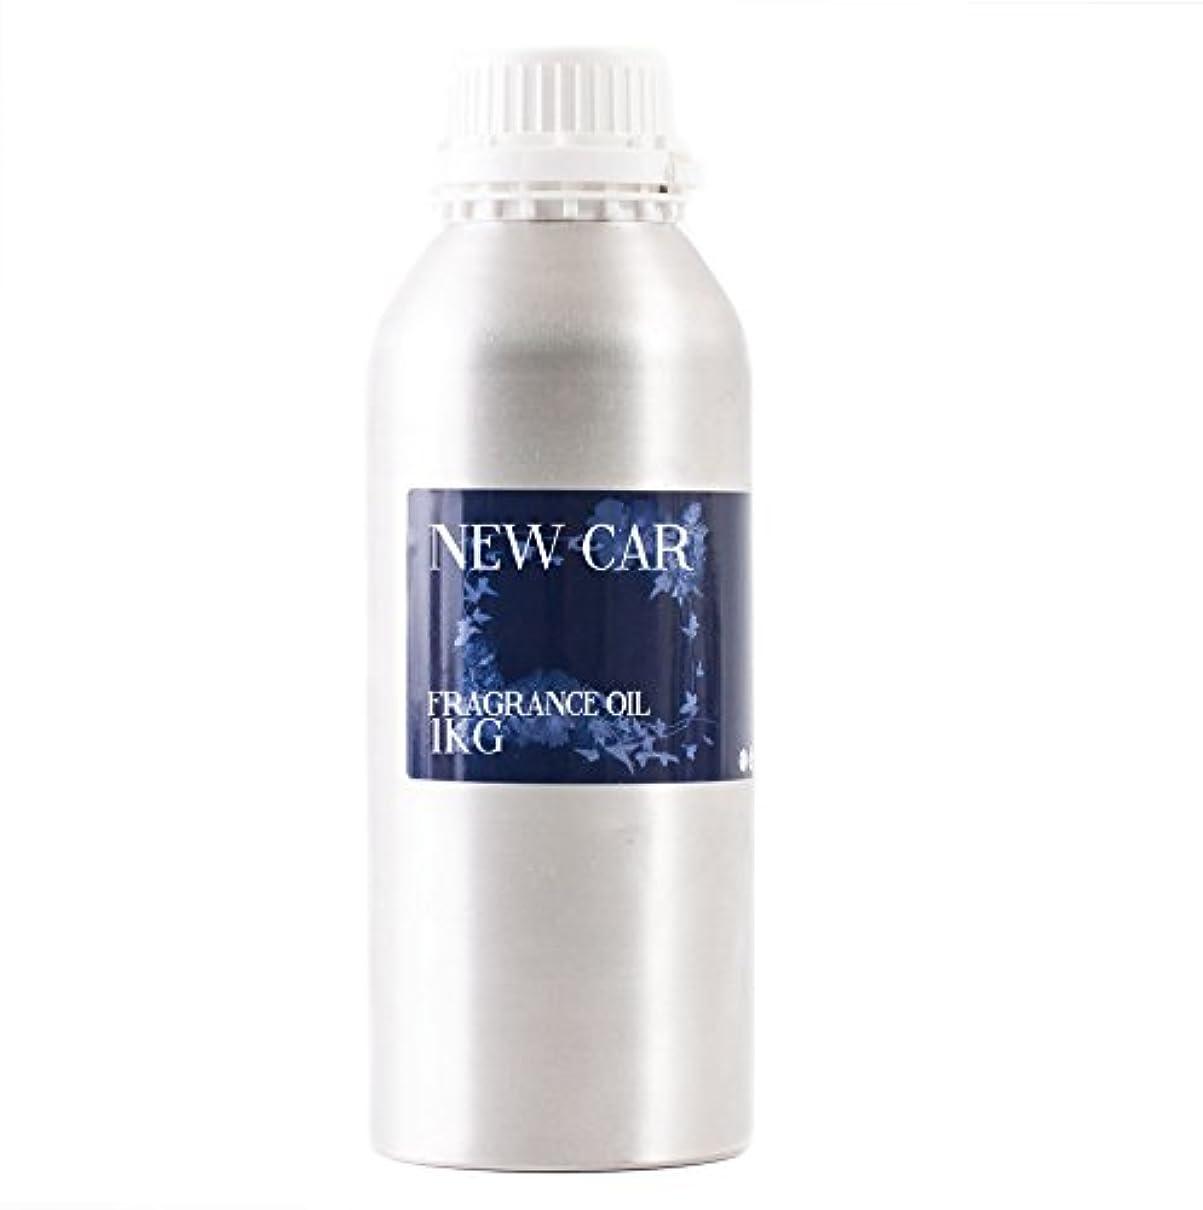 言う描く町Mystic Moments | New Car Fragrance Oil - 1Kg